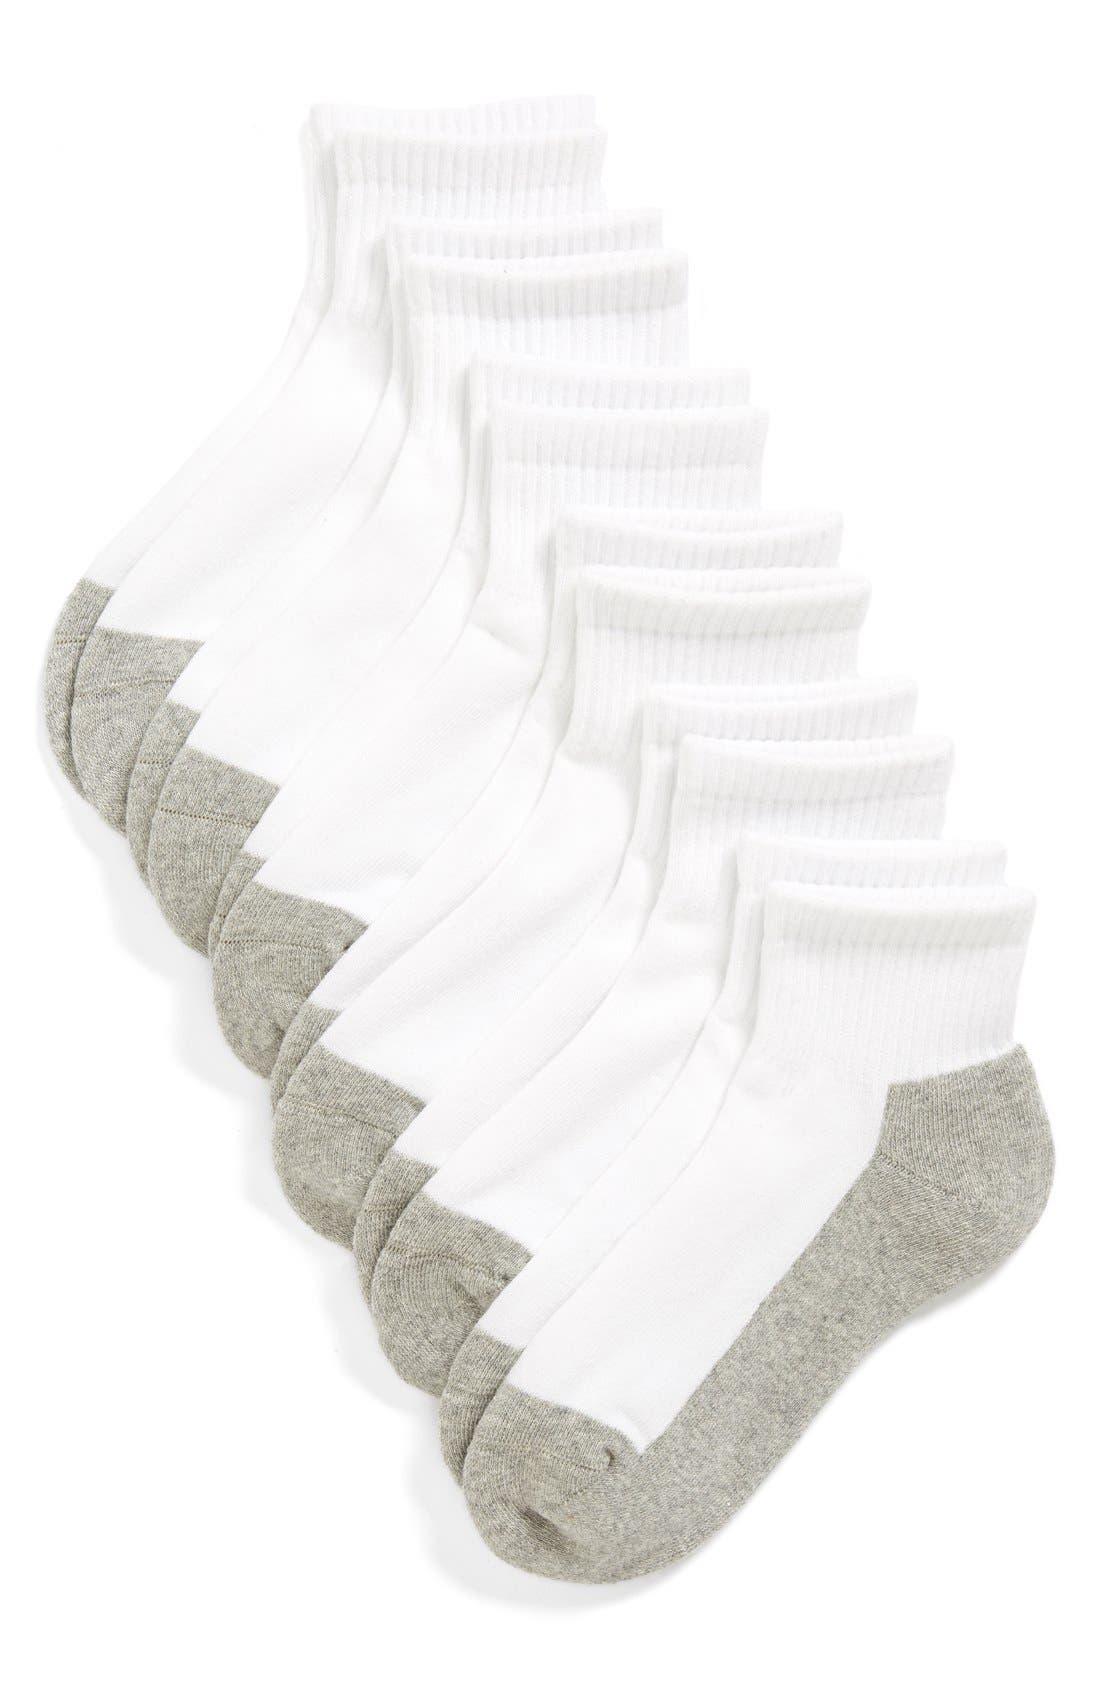 TUCKER + TATE Nordstrom 6-Pack Active Quarter Socks